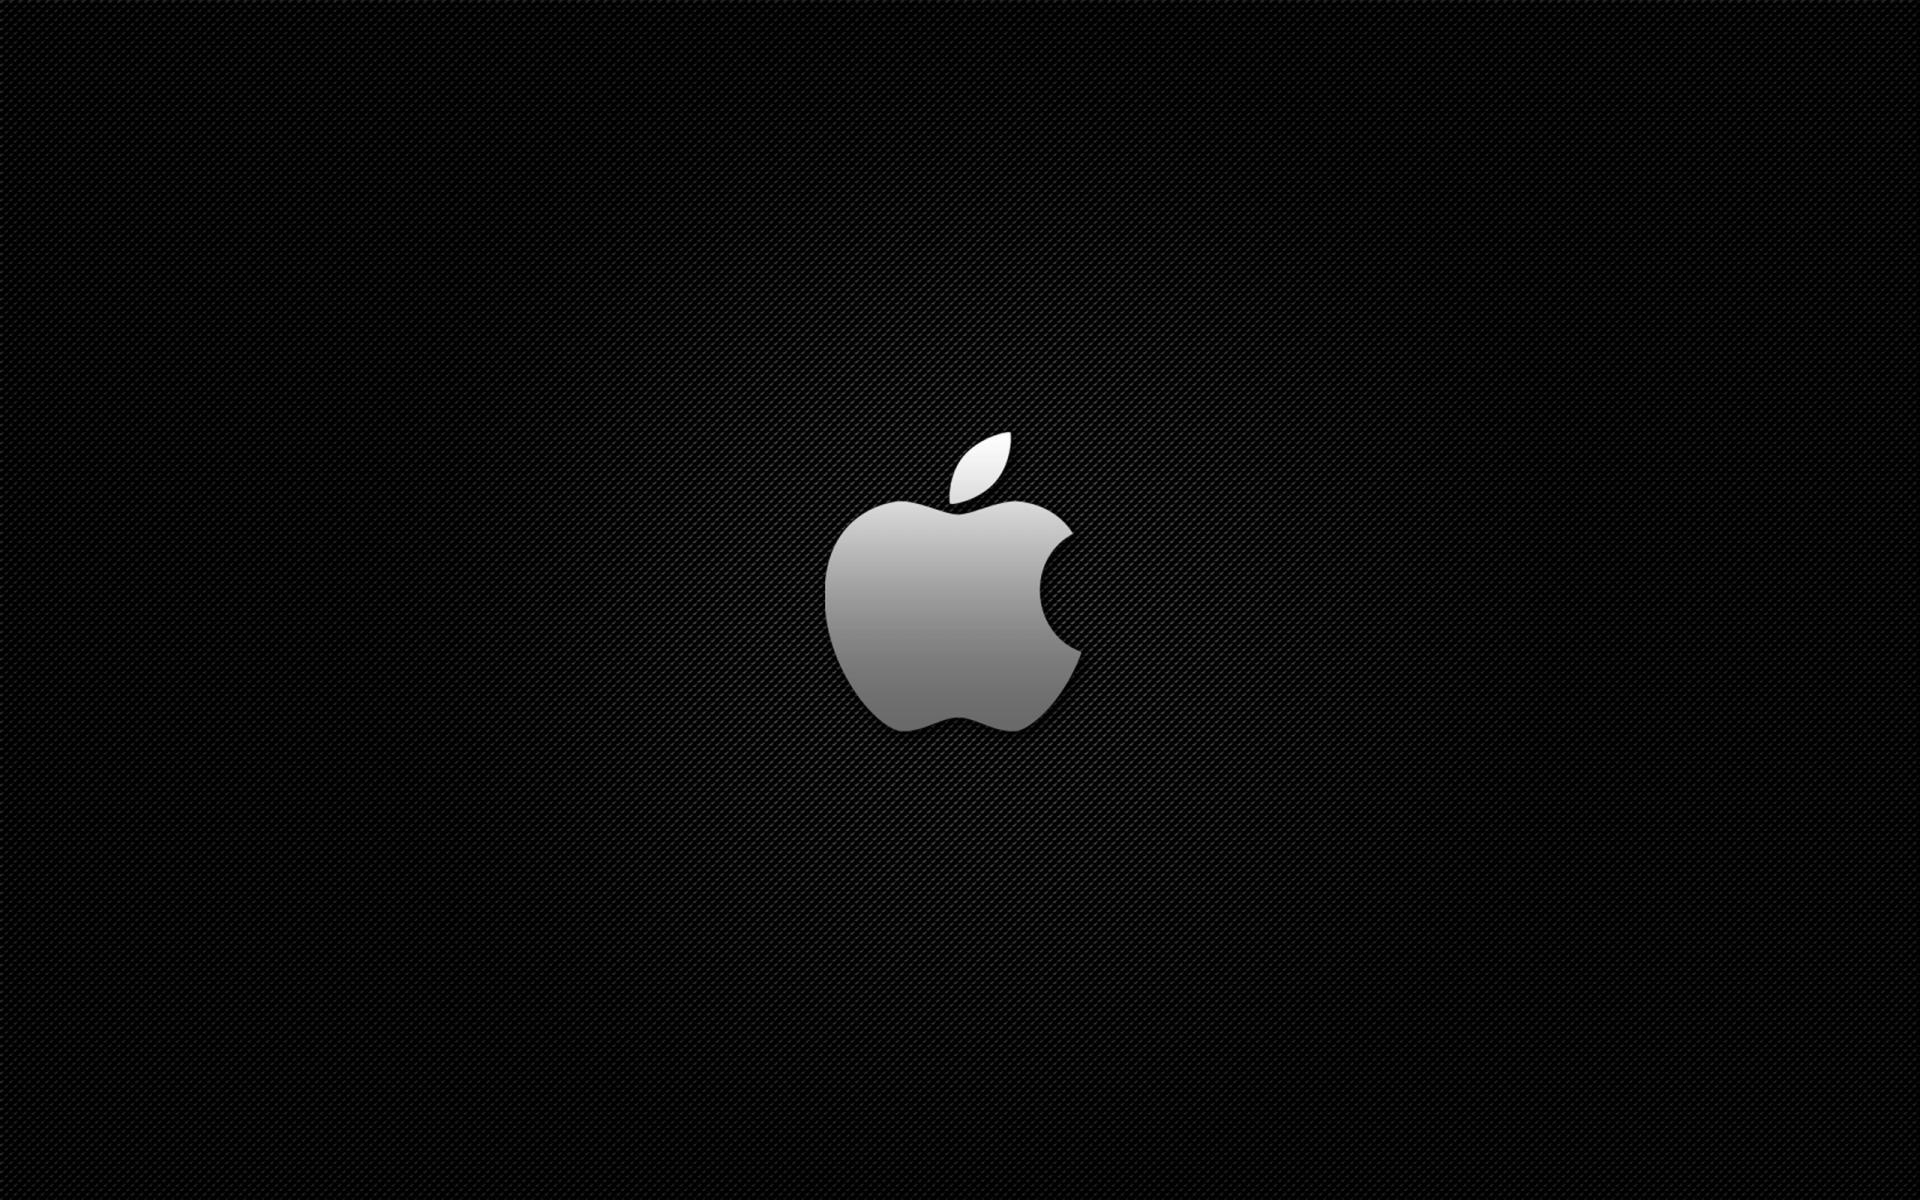 apple hd wallpaper apple hd wallpaper apple hd wallpaper apple hd